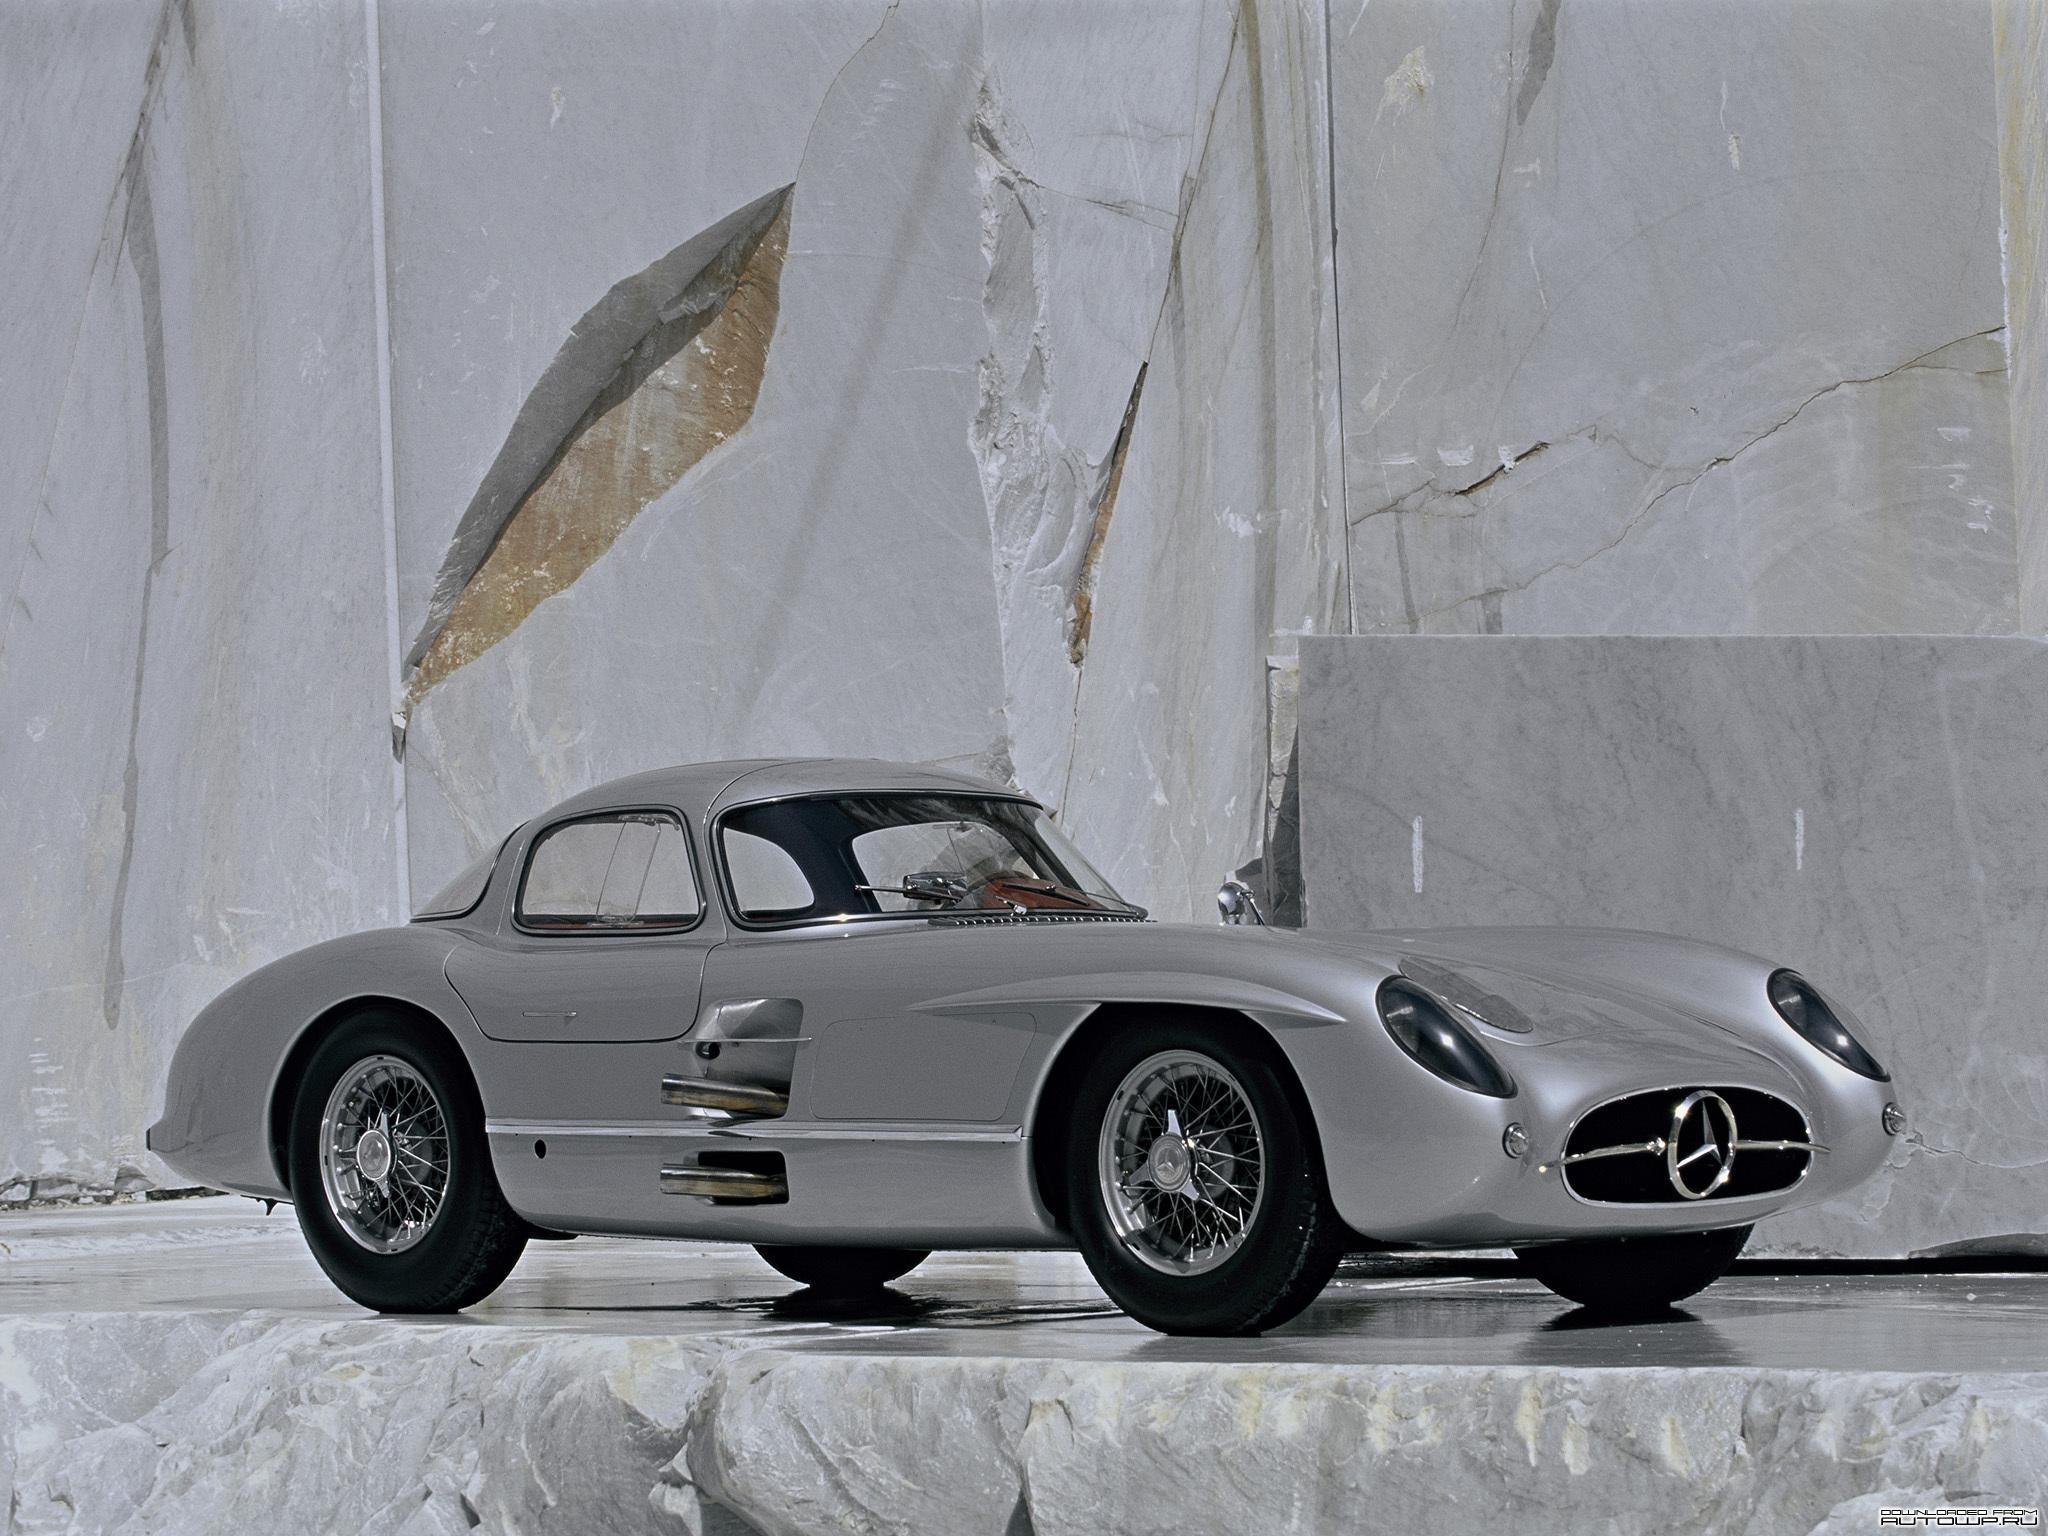 Mercedes-Benz 300 sl закат скачать